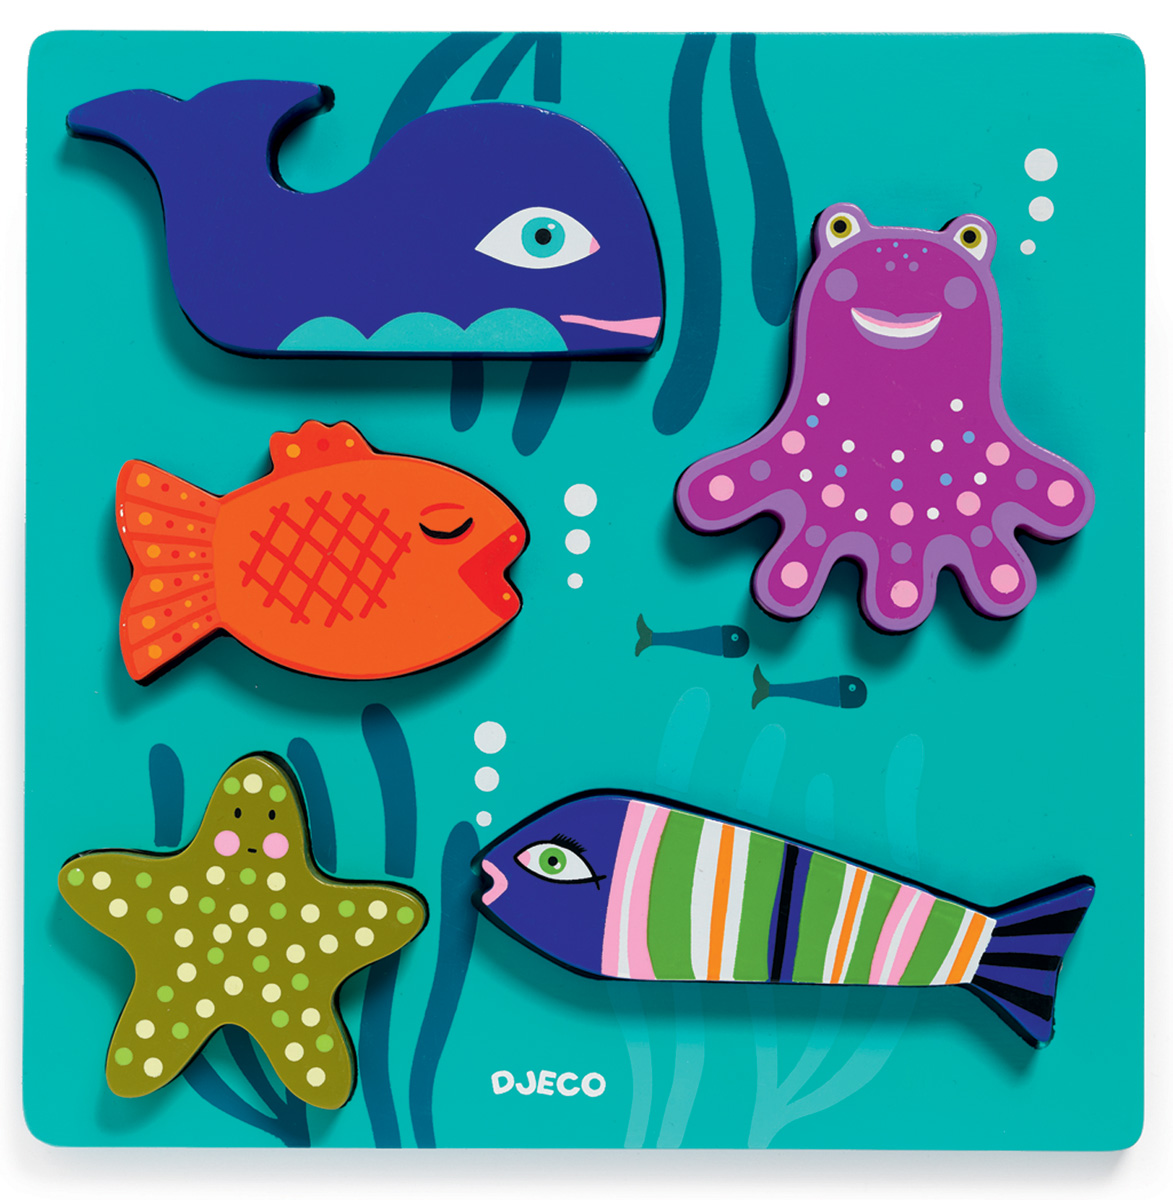 Djeco Пазл для малышей Морские животные djeco пазл для малышей лесные животные